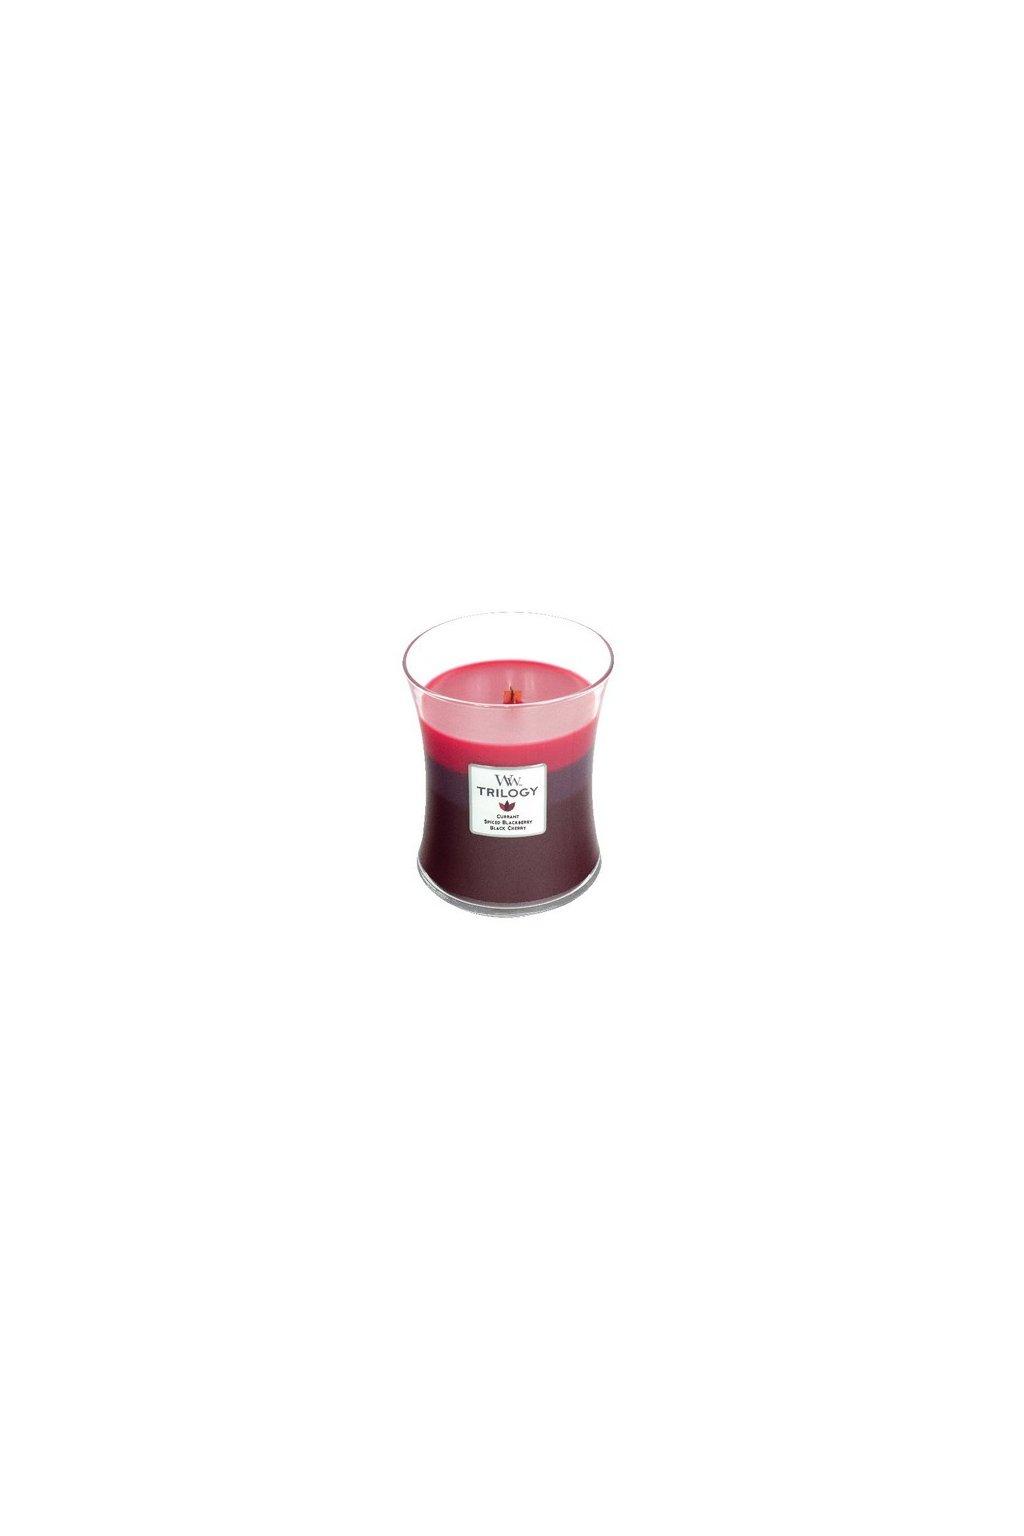 WoodWick Trilogy Sun Ripened Berries váza střední 275g